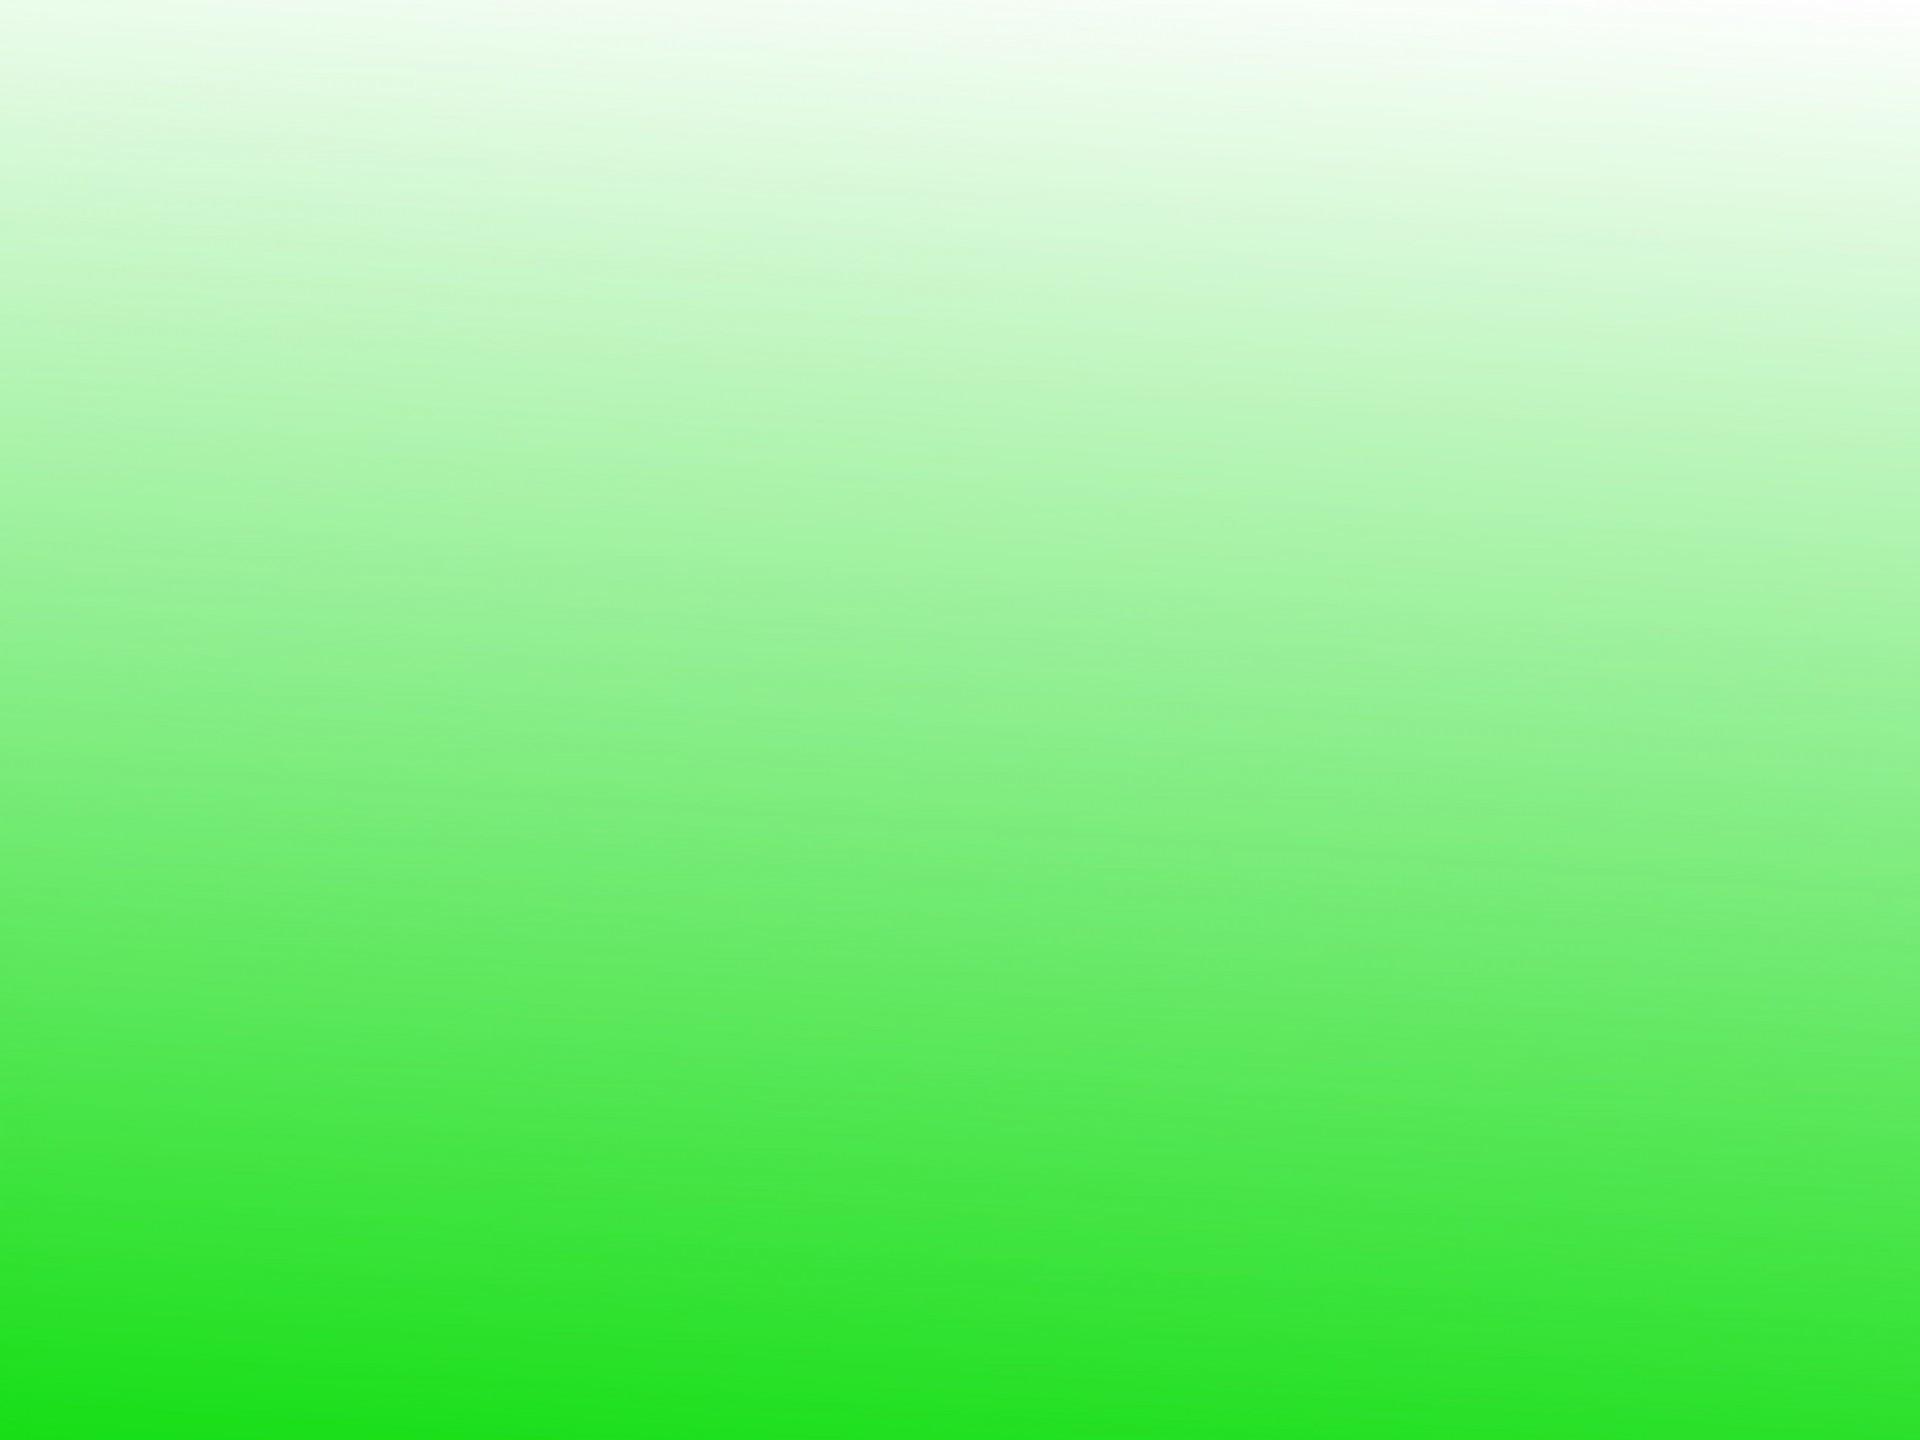 Sfondi in verde